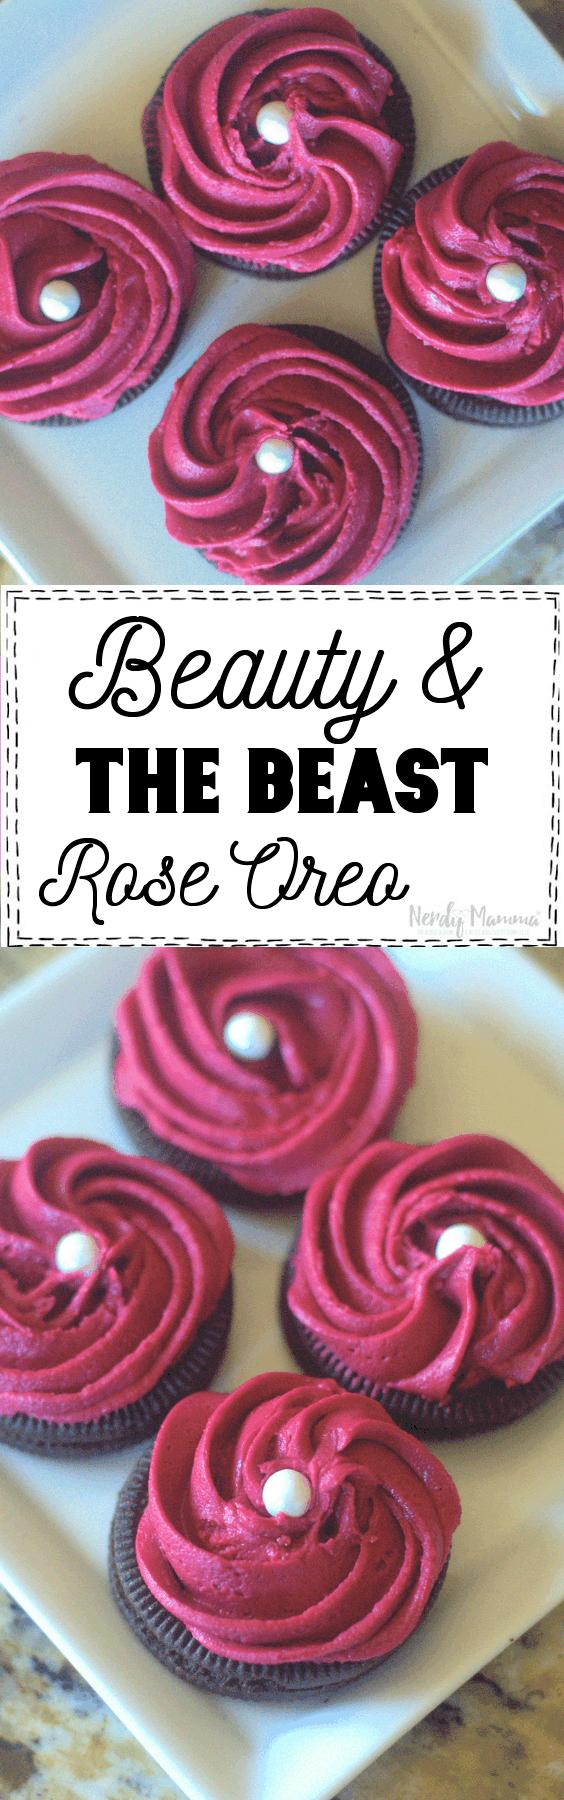 Beauty and The Beast Oreos